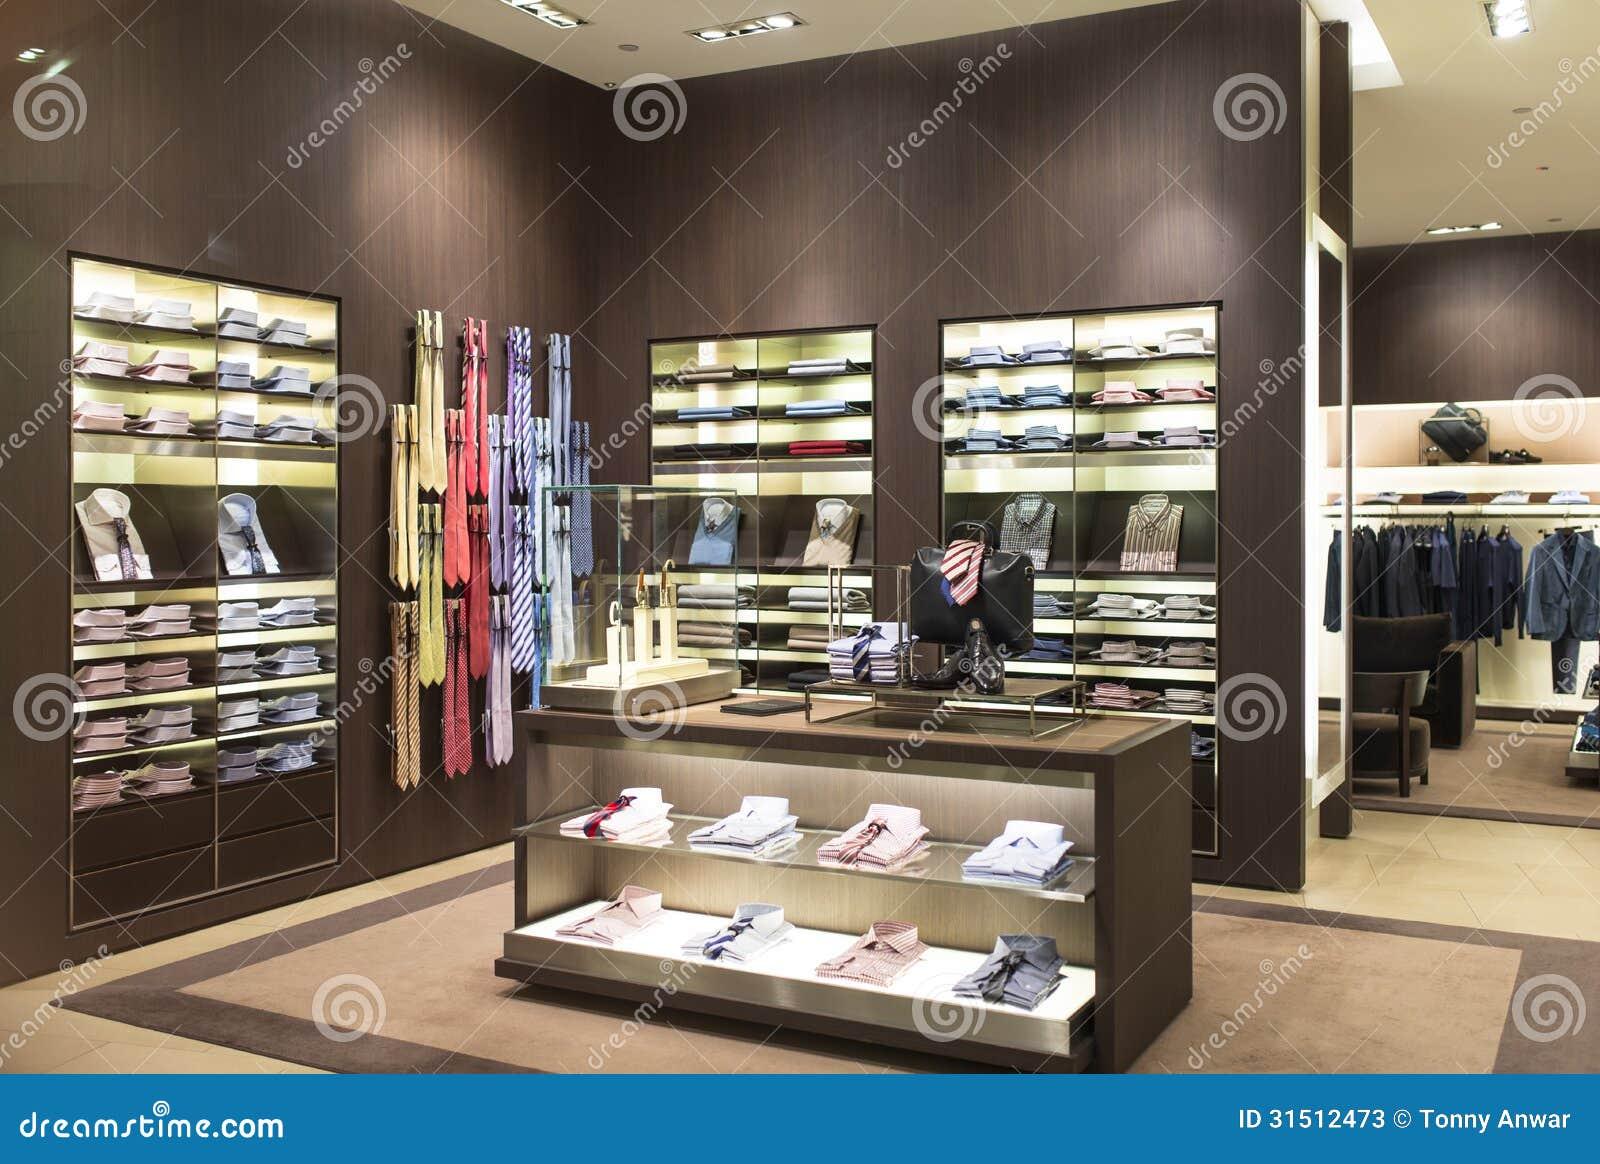 人时尚精品店